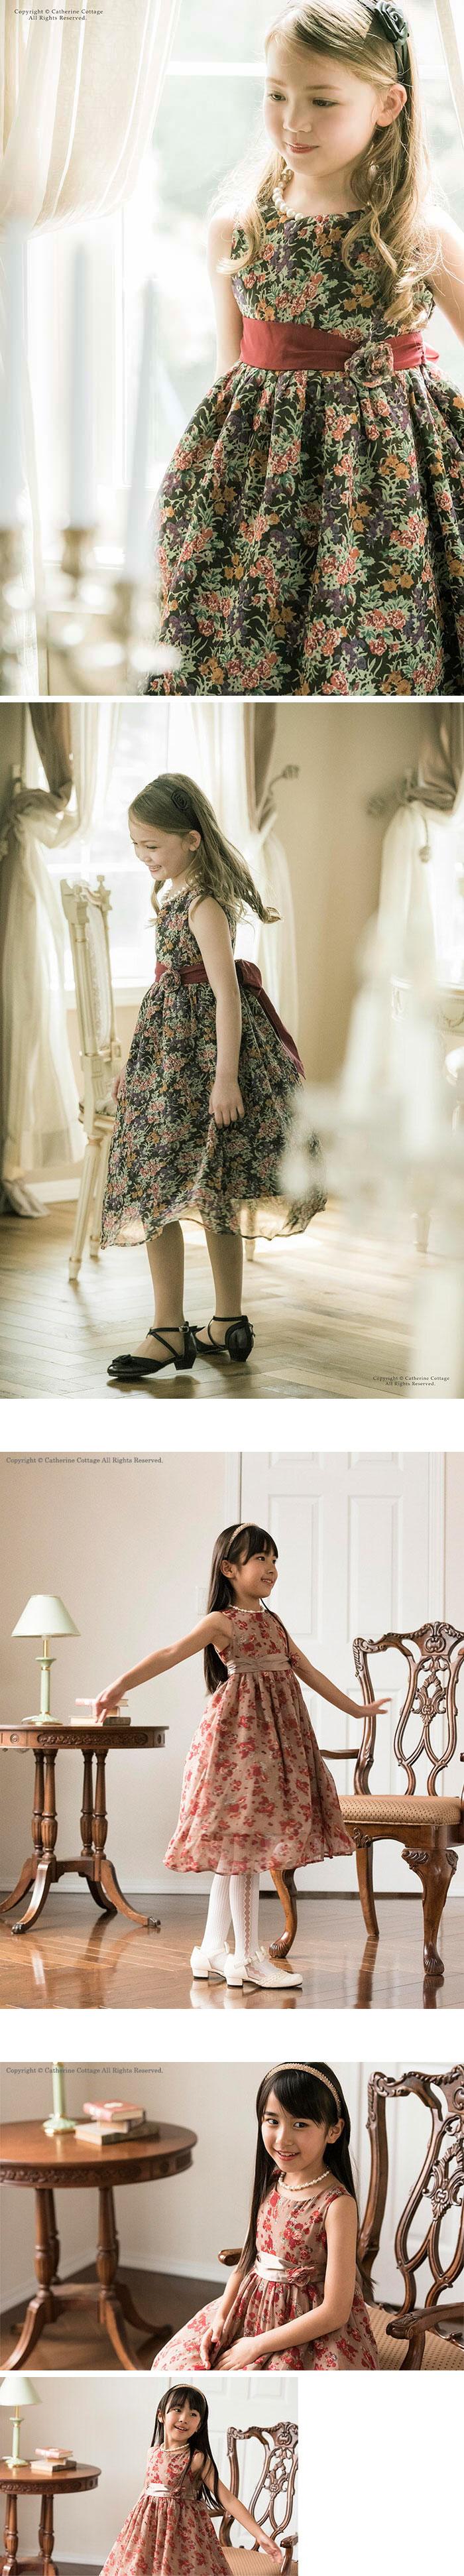 ピアノの発表会 ワンピース 花柄ドレス シフォンドレス